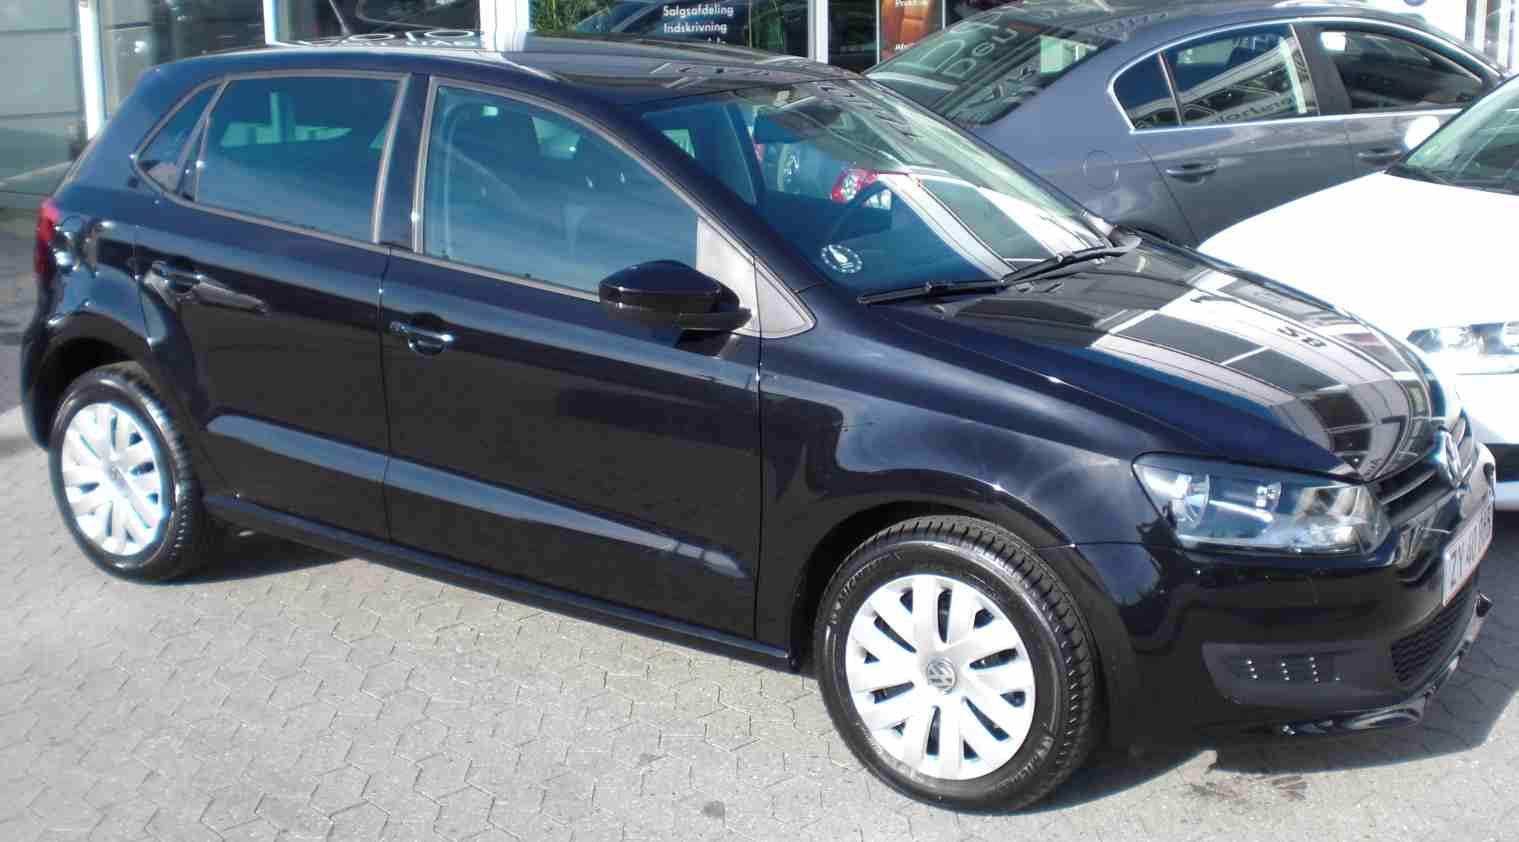 vw polo neues modell  neuwagen reimport eu neuwagen berlin fresh dsg highline style